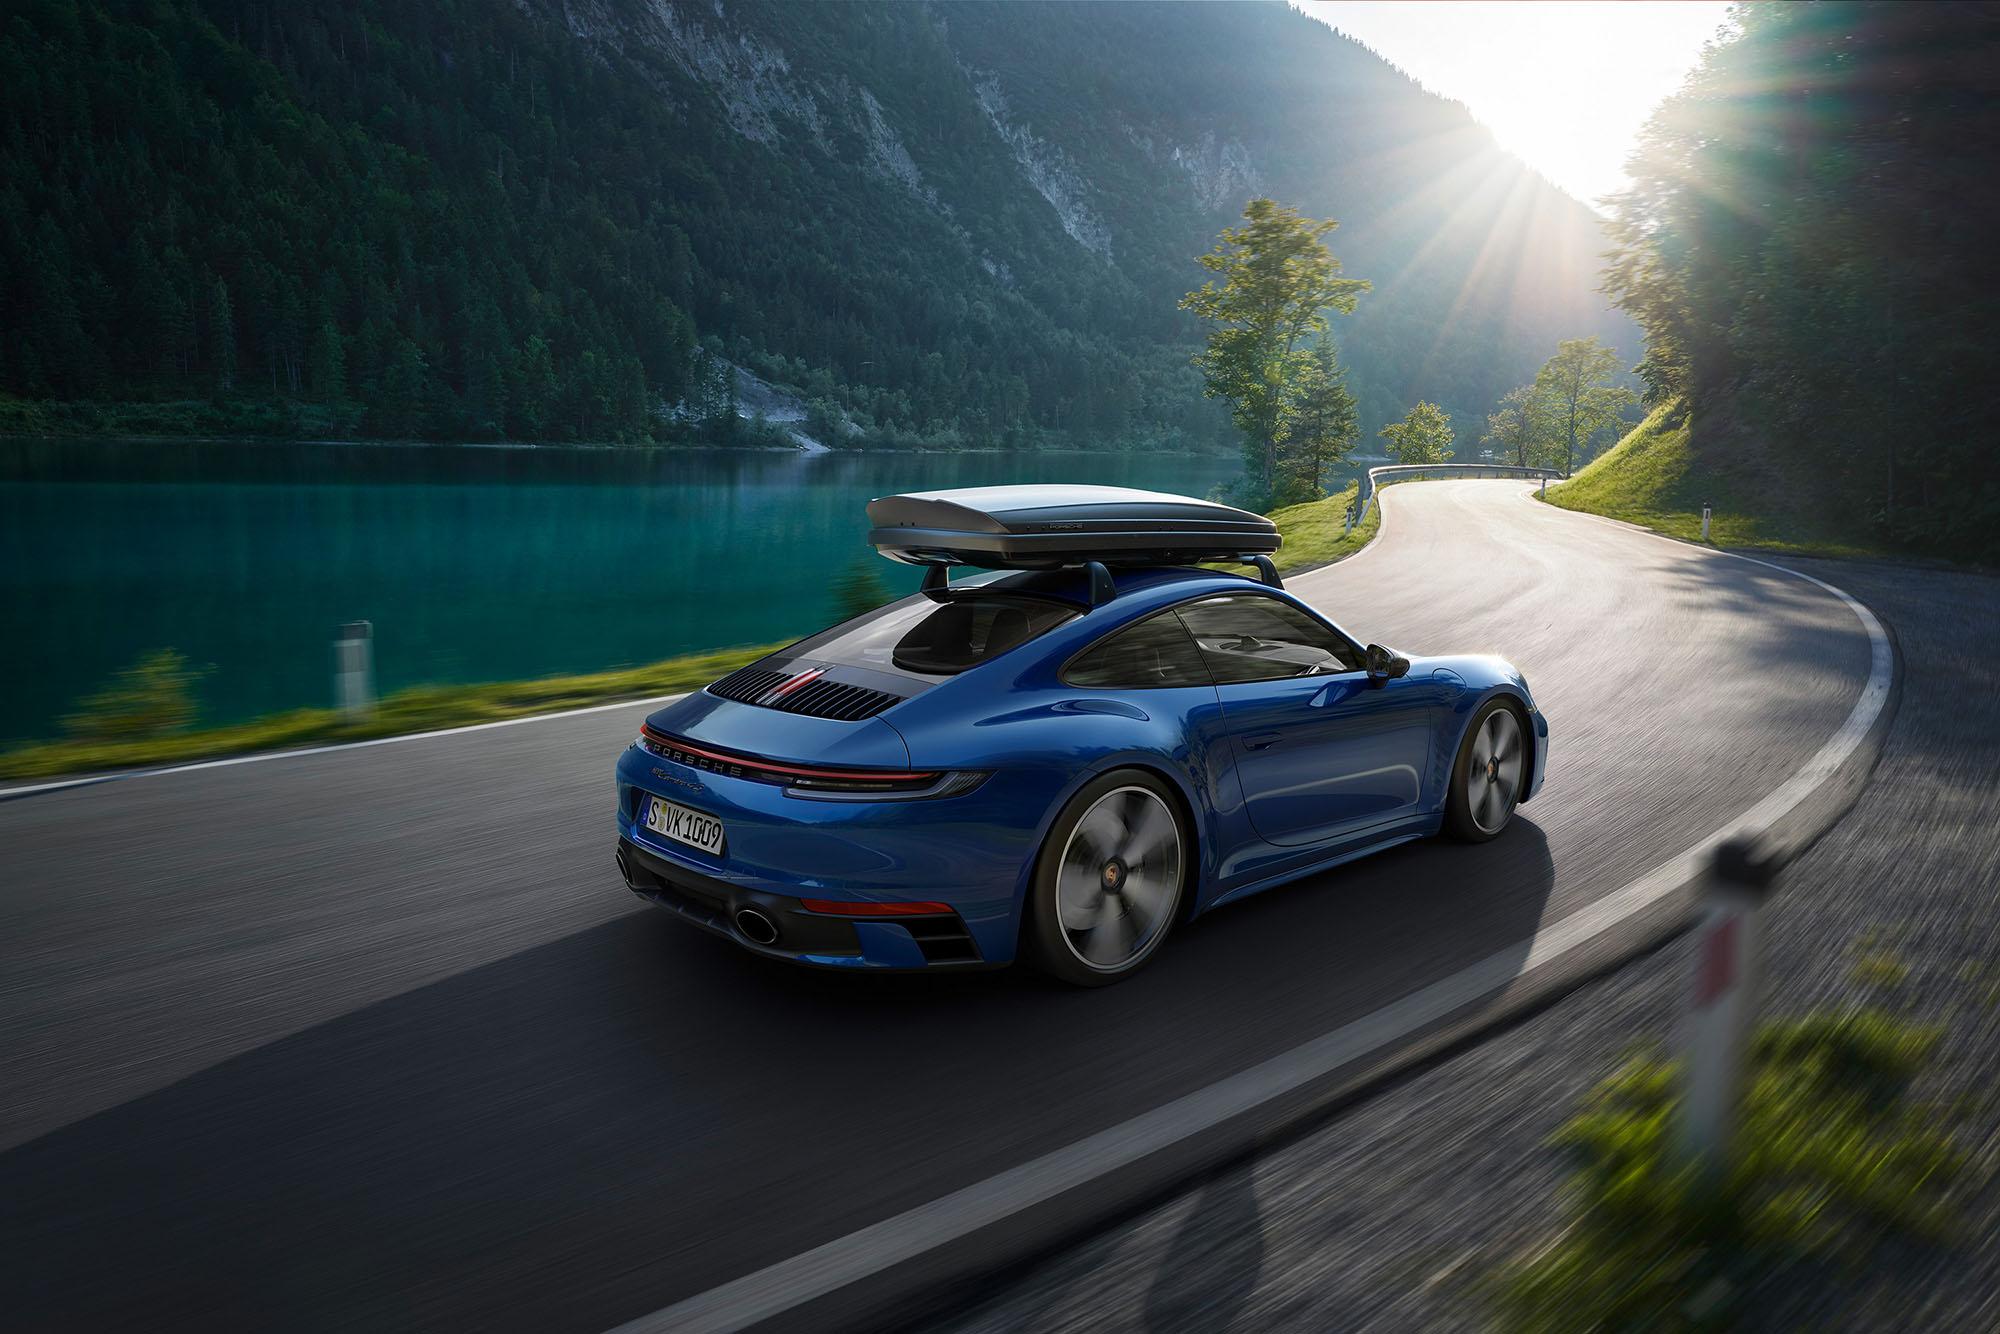 Porsche Sommer Tequipment